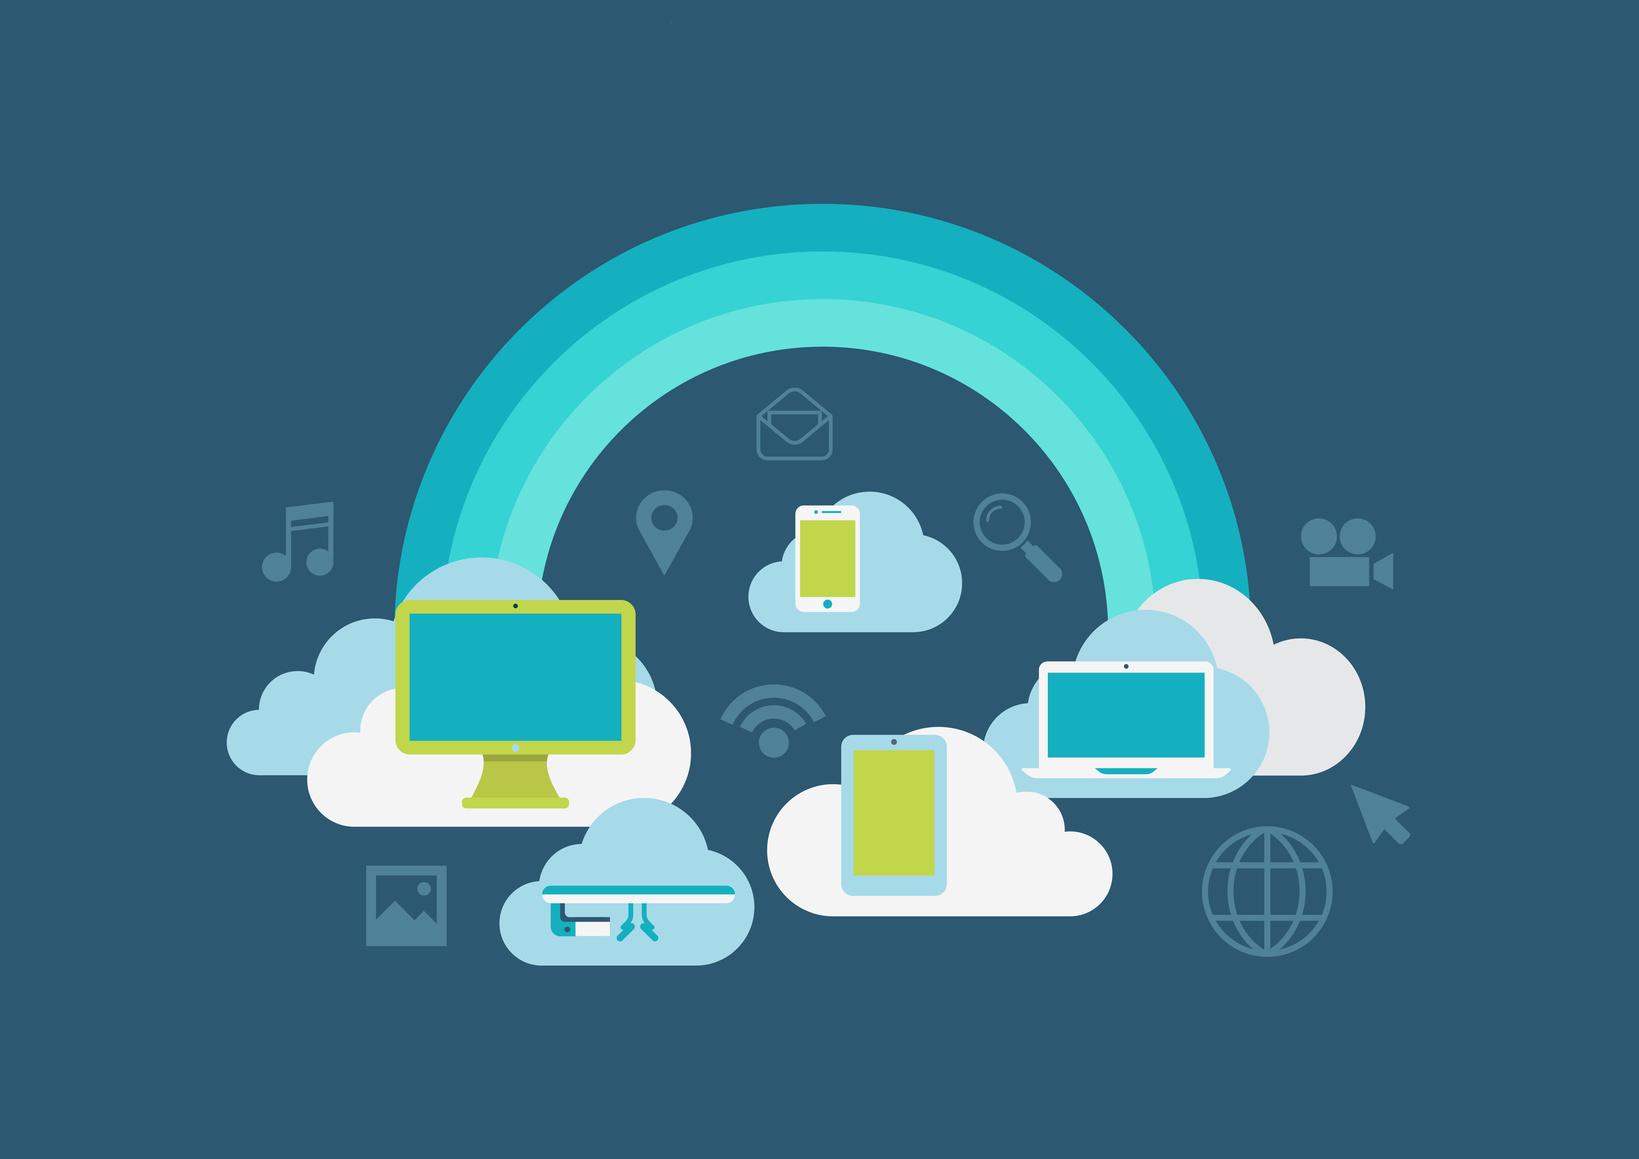 Rendre son SI digital ready pour accueillir un CRM et des outils vendeurs repensés